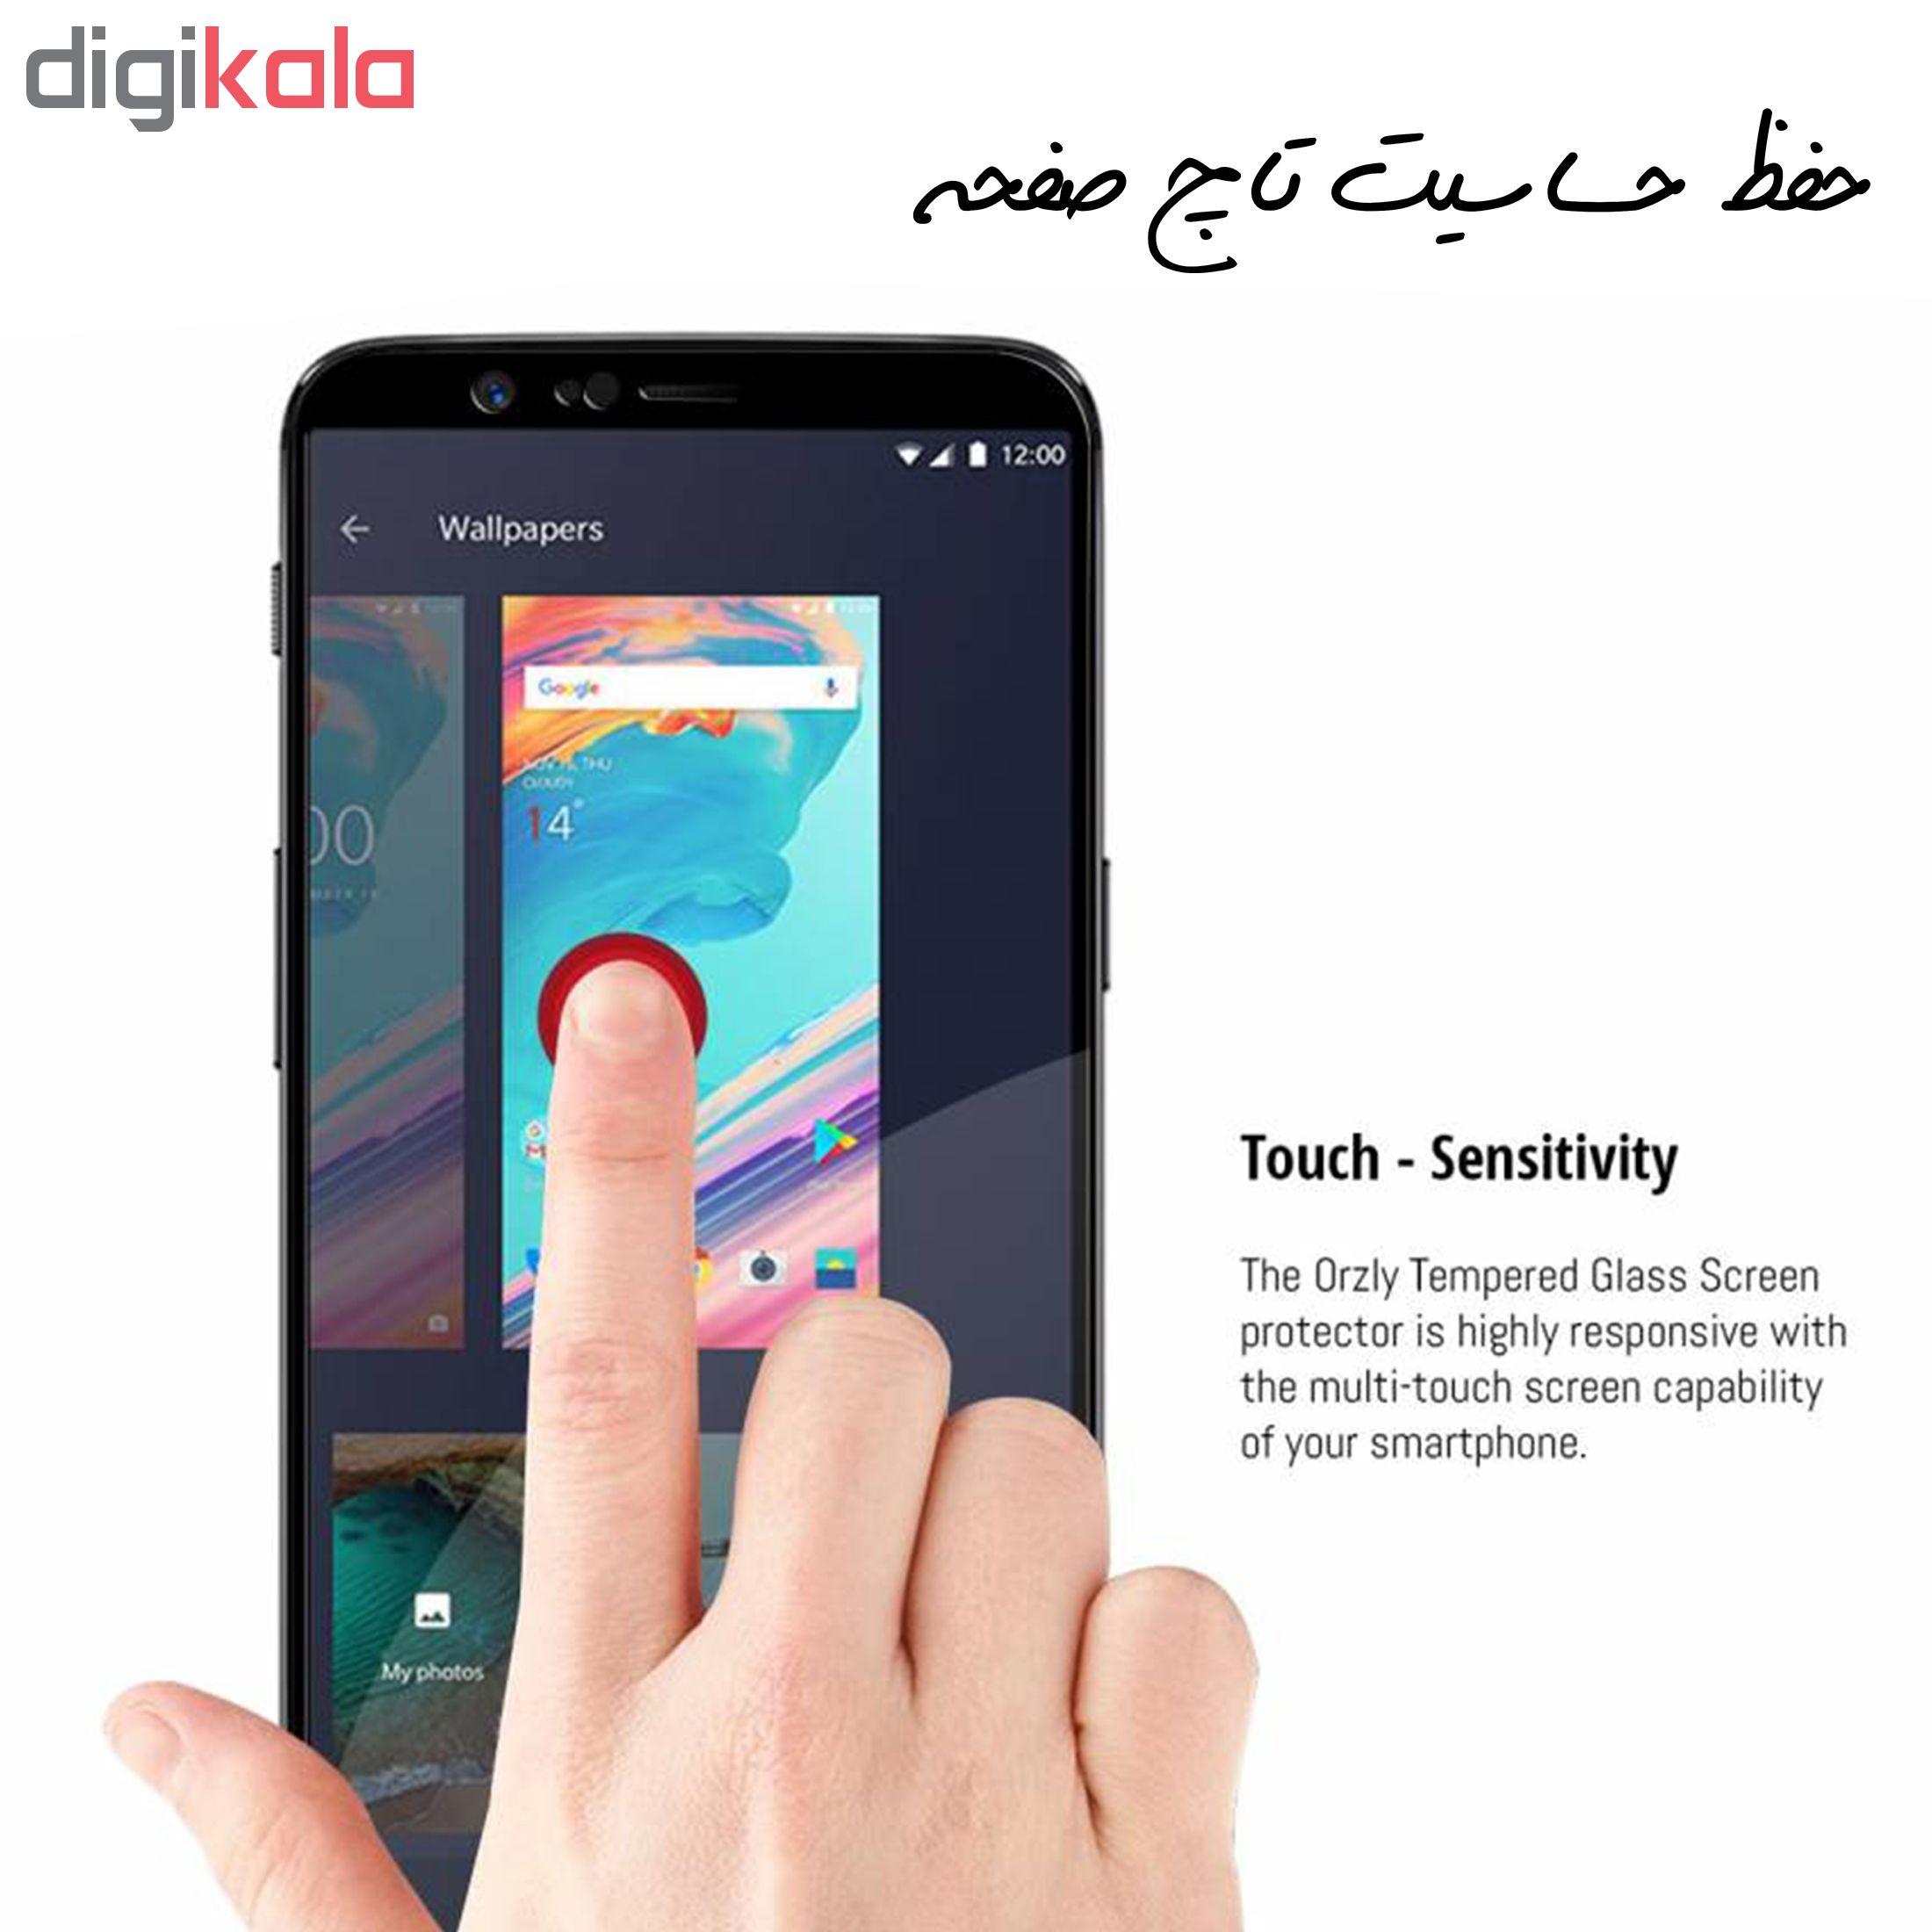 محافظ صفحه نمایش Hard and thick مدل F-01 مناسب برای گوشی موبایل سامسونگ Galaxy A7 2018 main 1 6